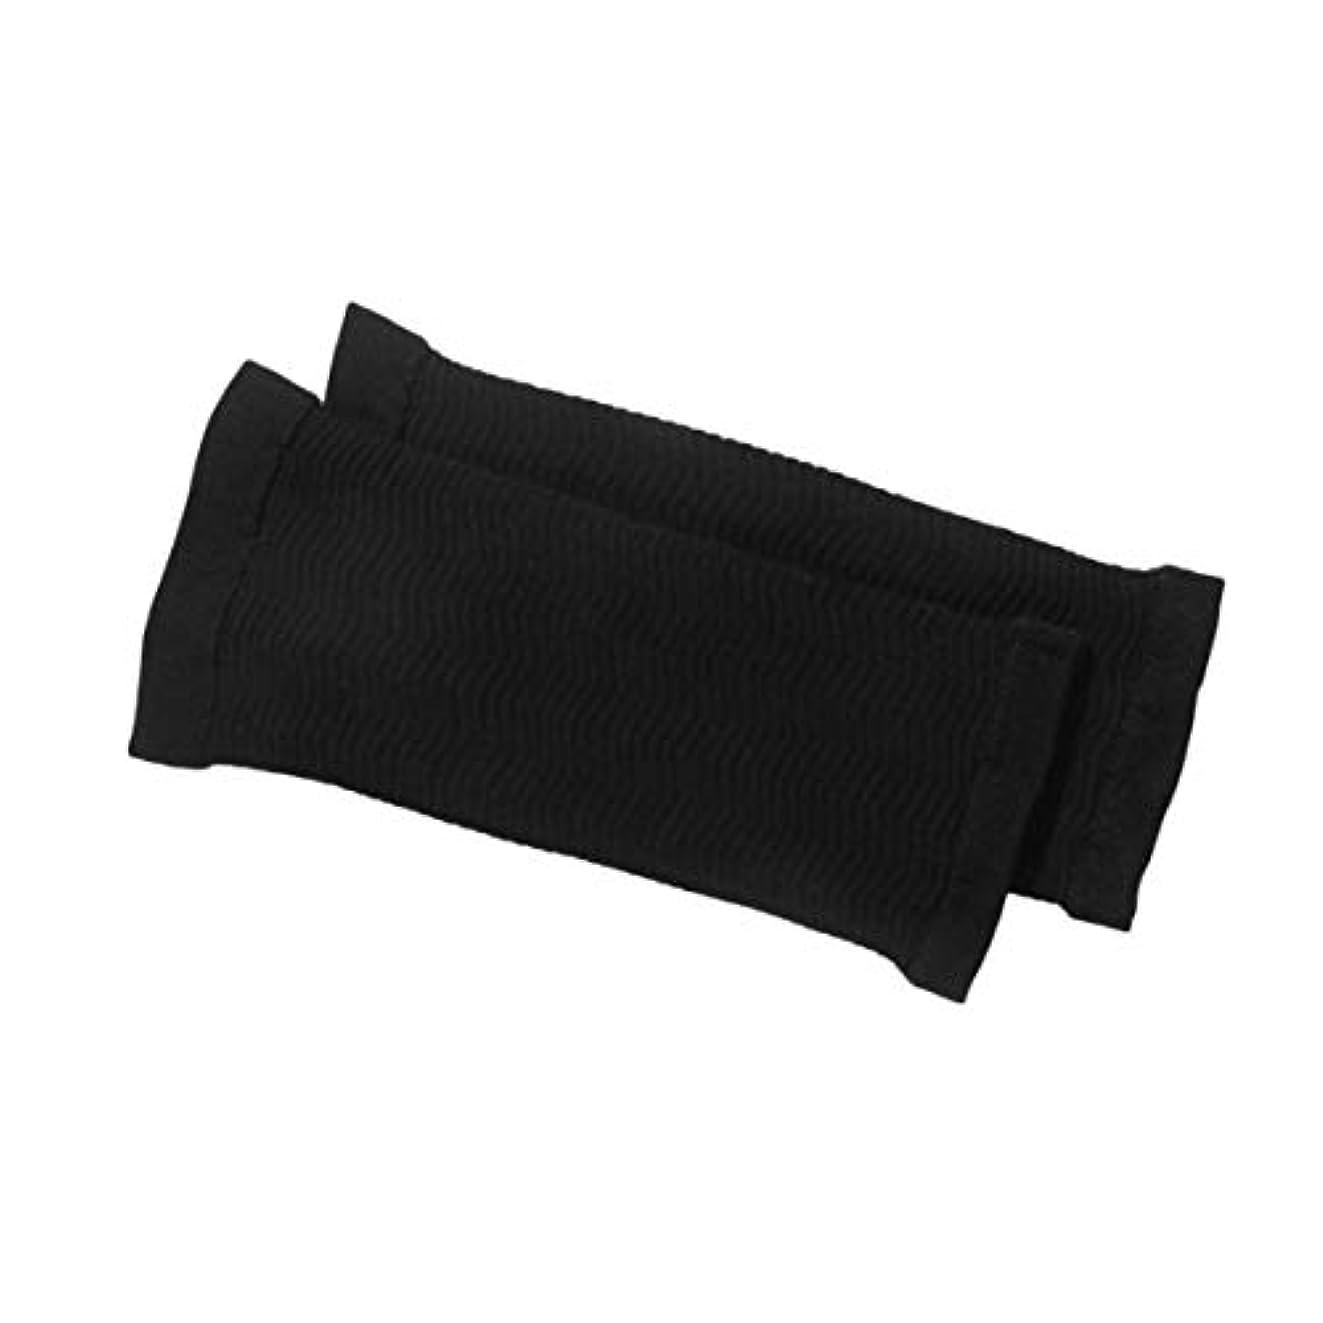 ボーナスぶら下がる割り当て1ペア420 D圧縮痩身アームスリーブワークアウトトーニングバーンセルライトシェイパー脂肪燃焼袖用女性 - 黒